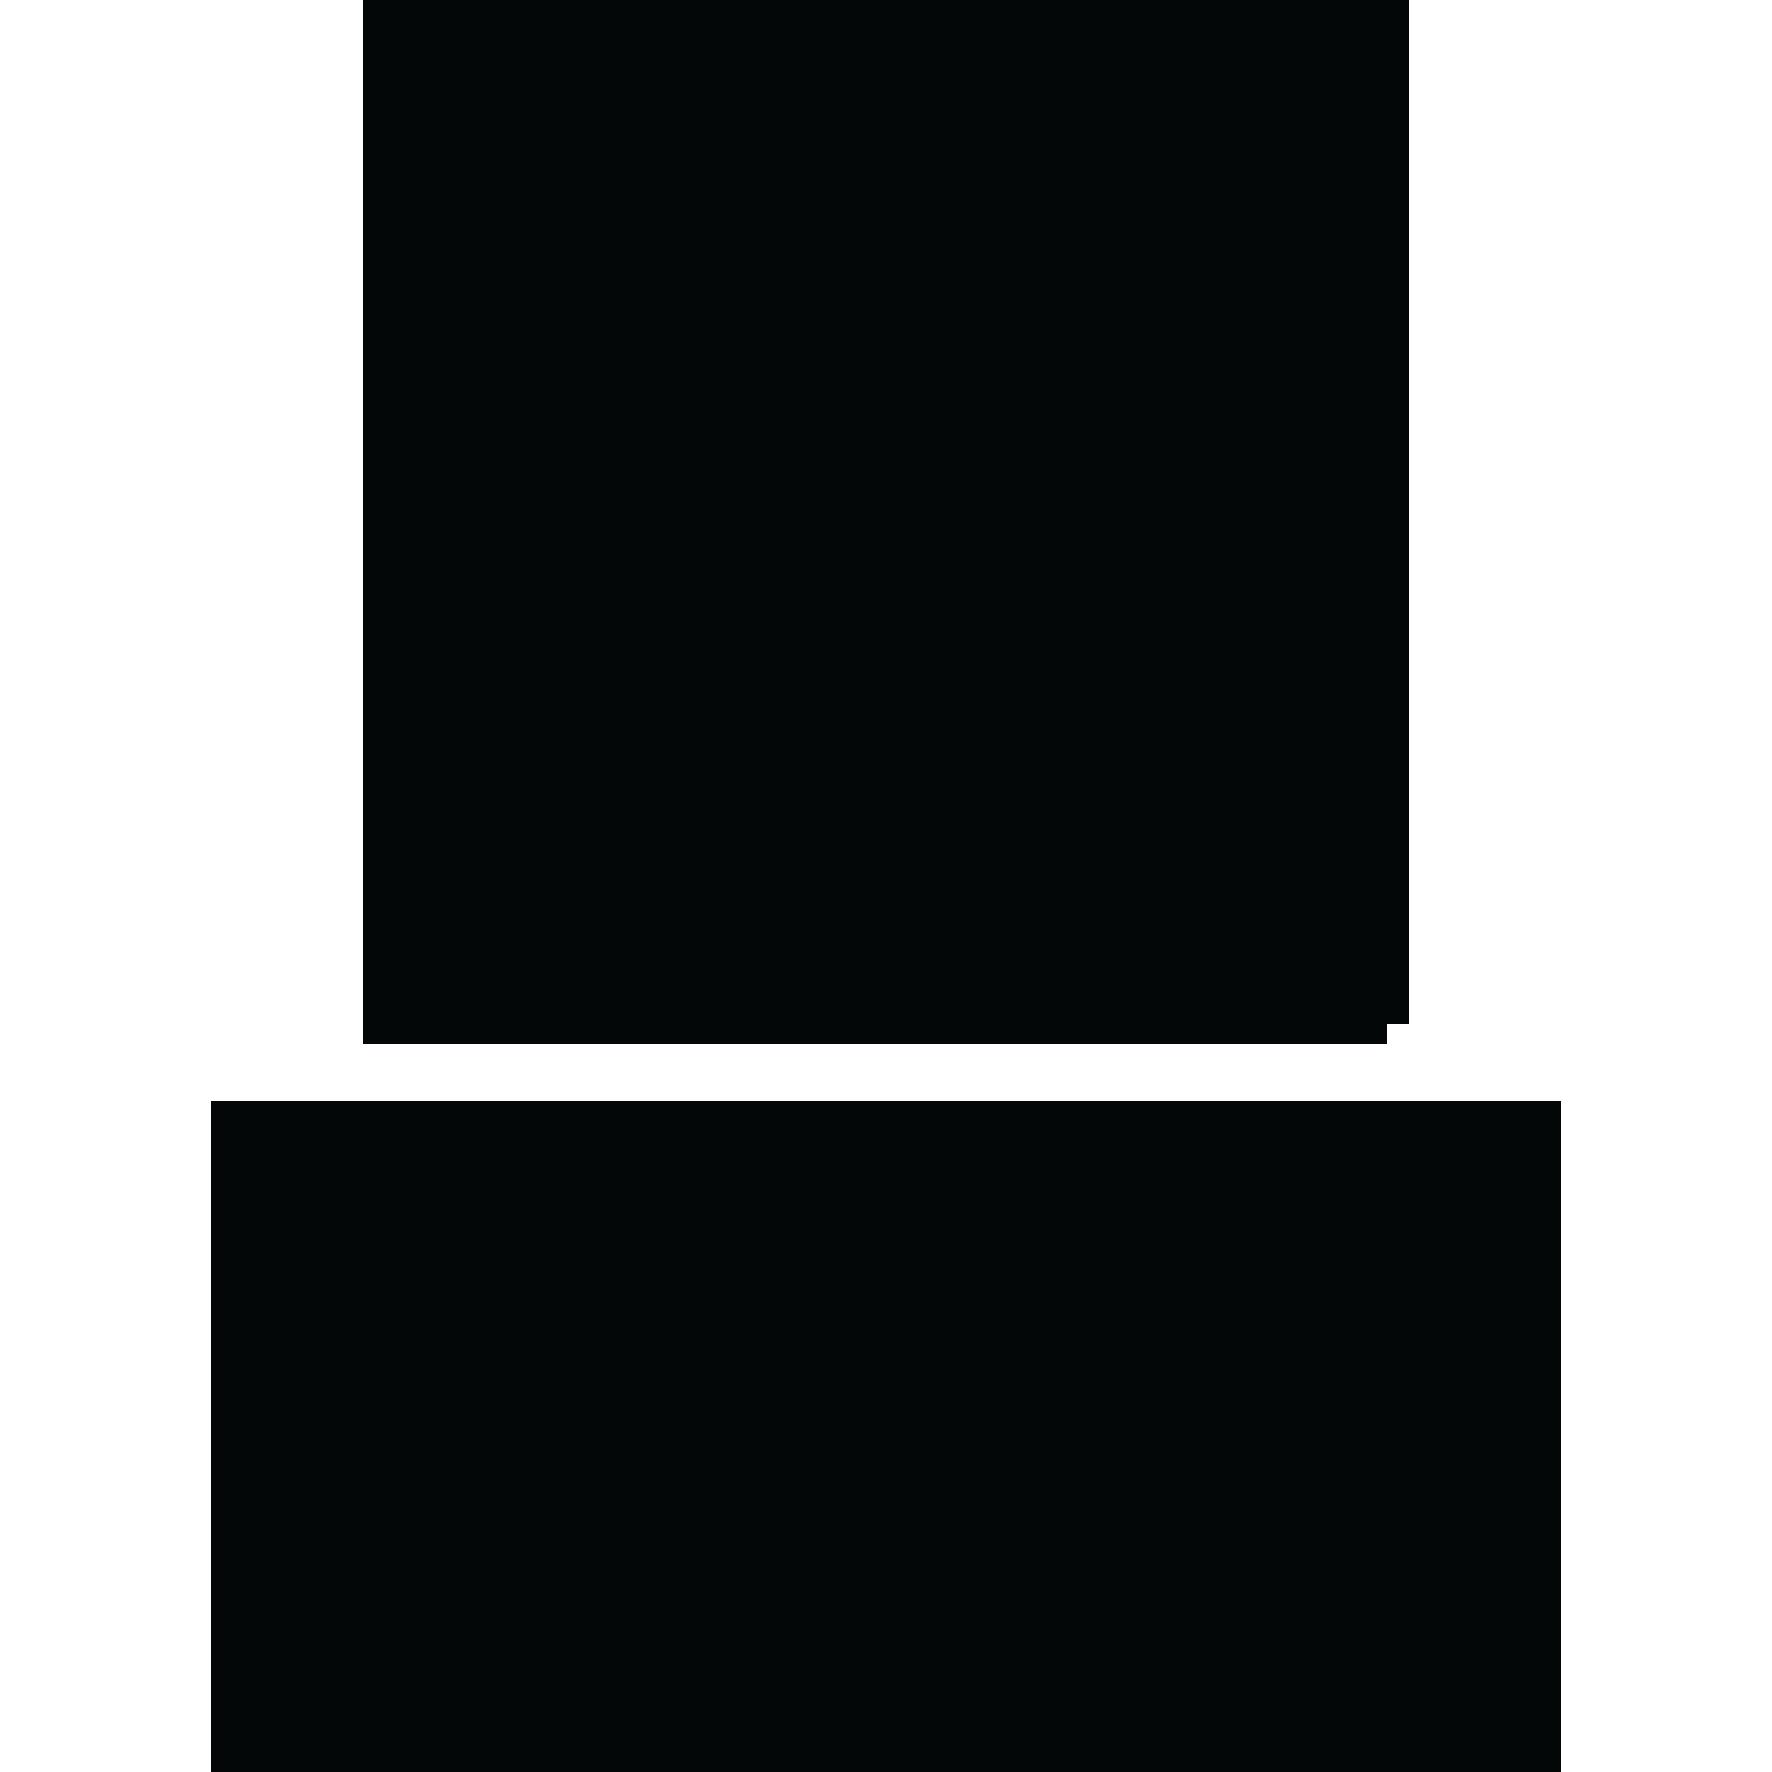 الهودج Alhowdaj